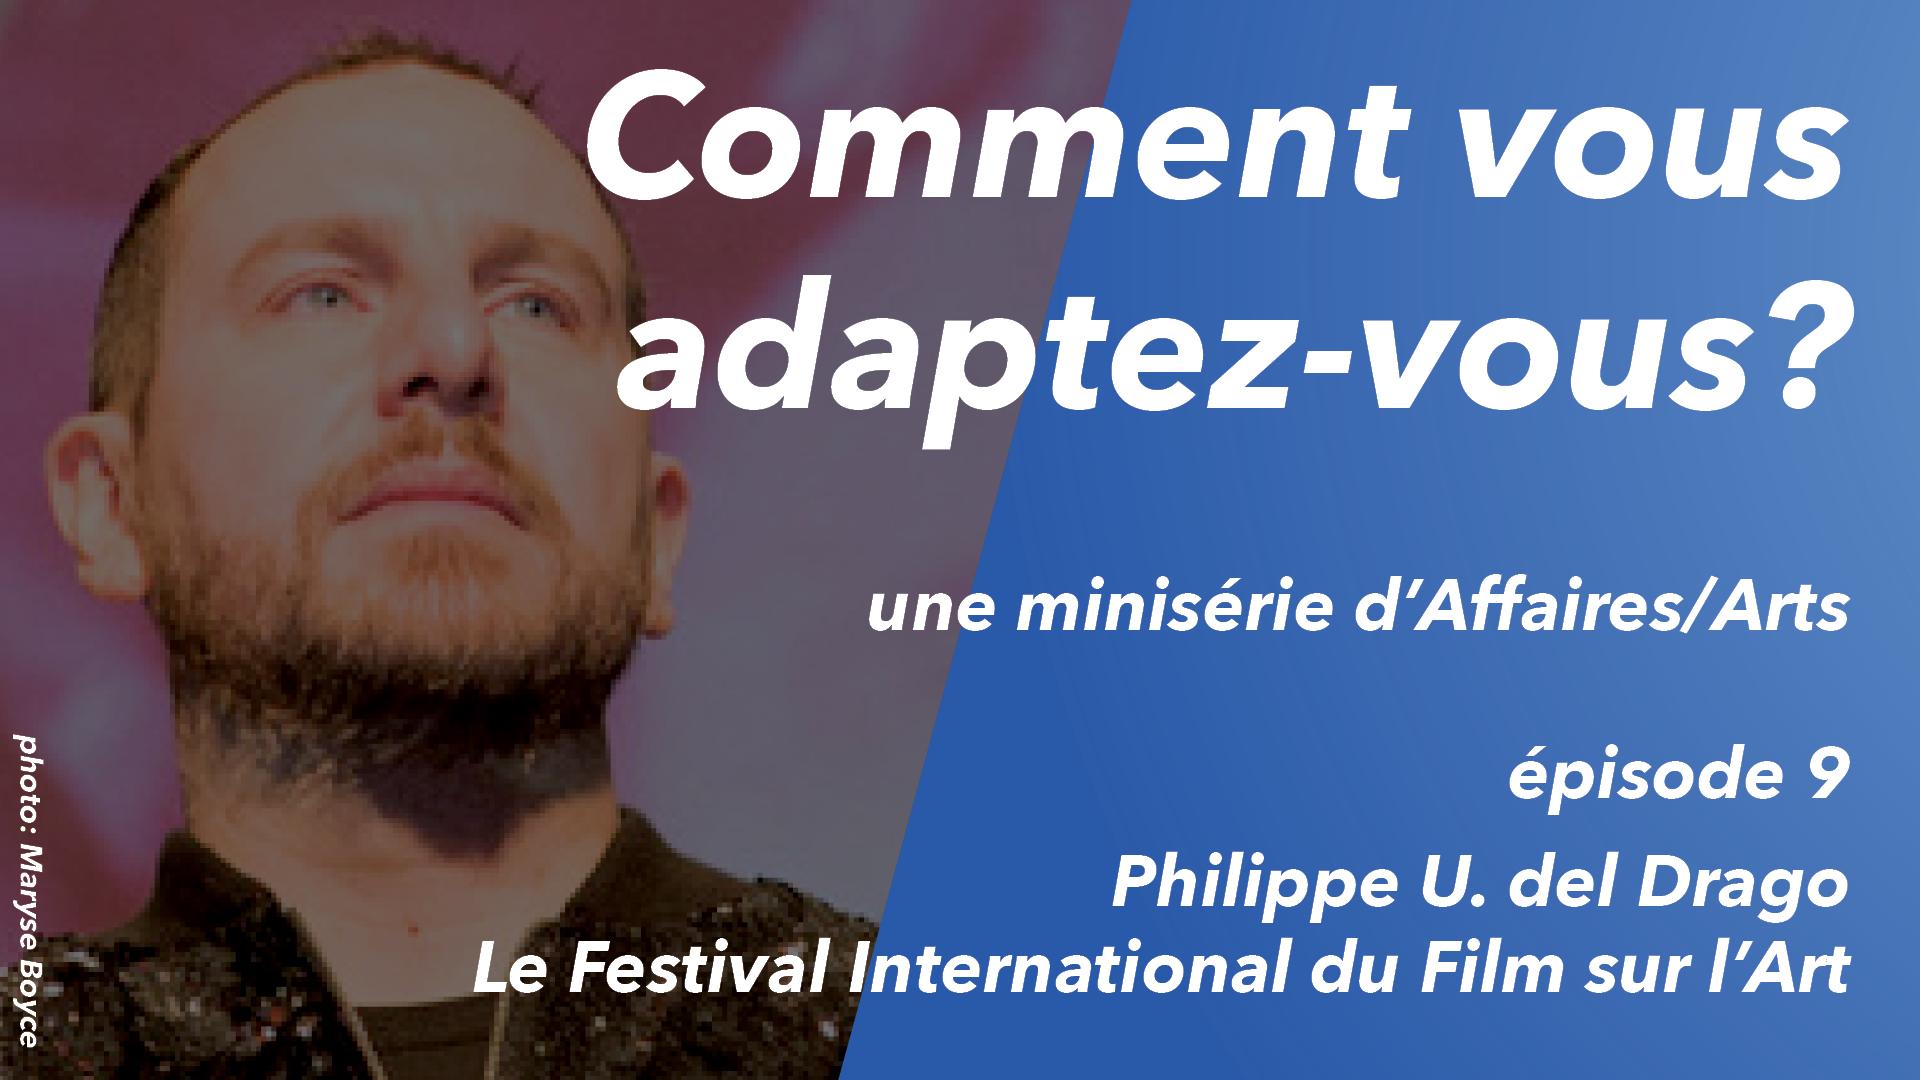 Comment vous adaptez-vous? ép 9 : Philippe U del Drago (Le Festival International du Film sur l'Art)